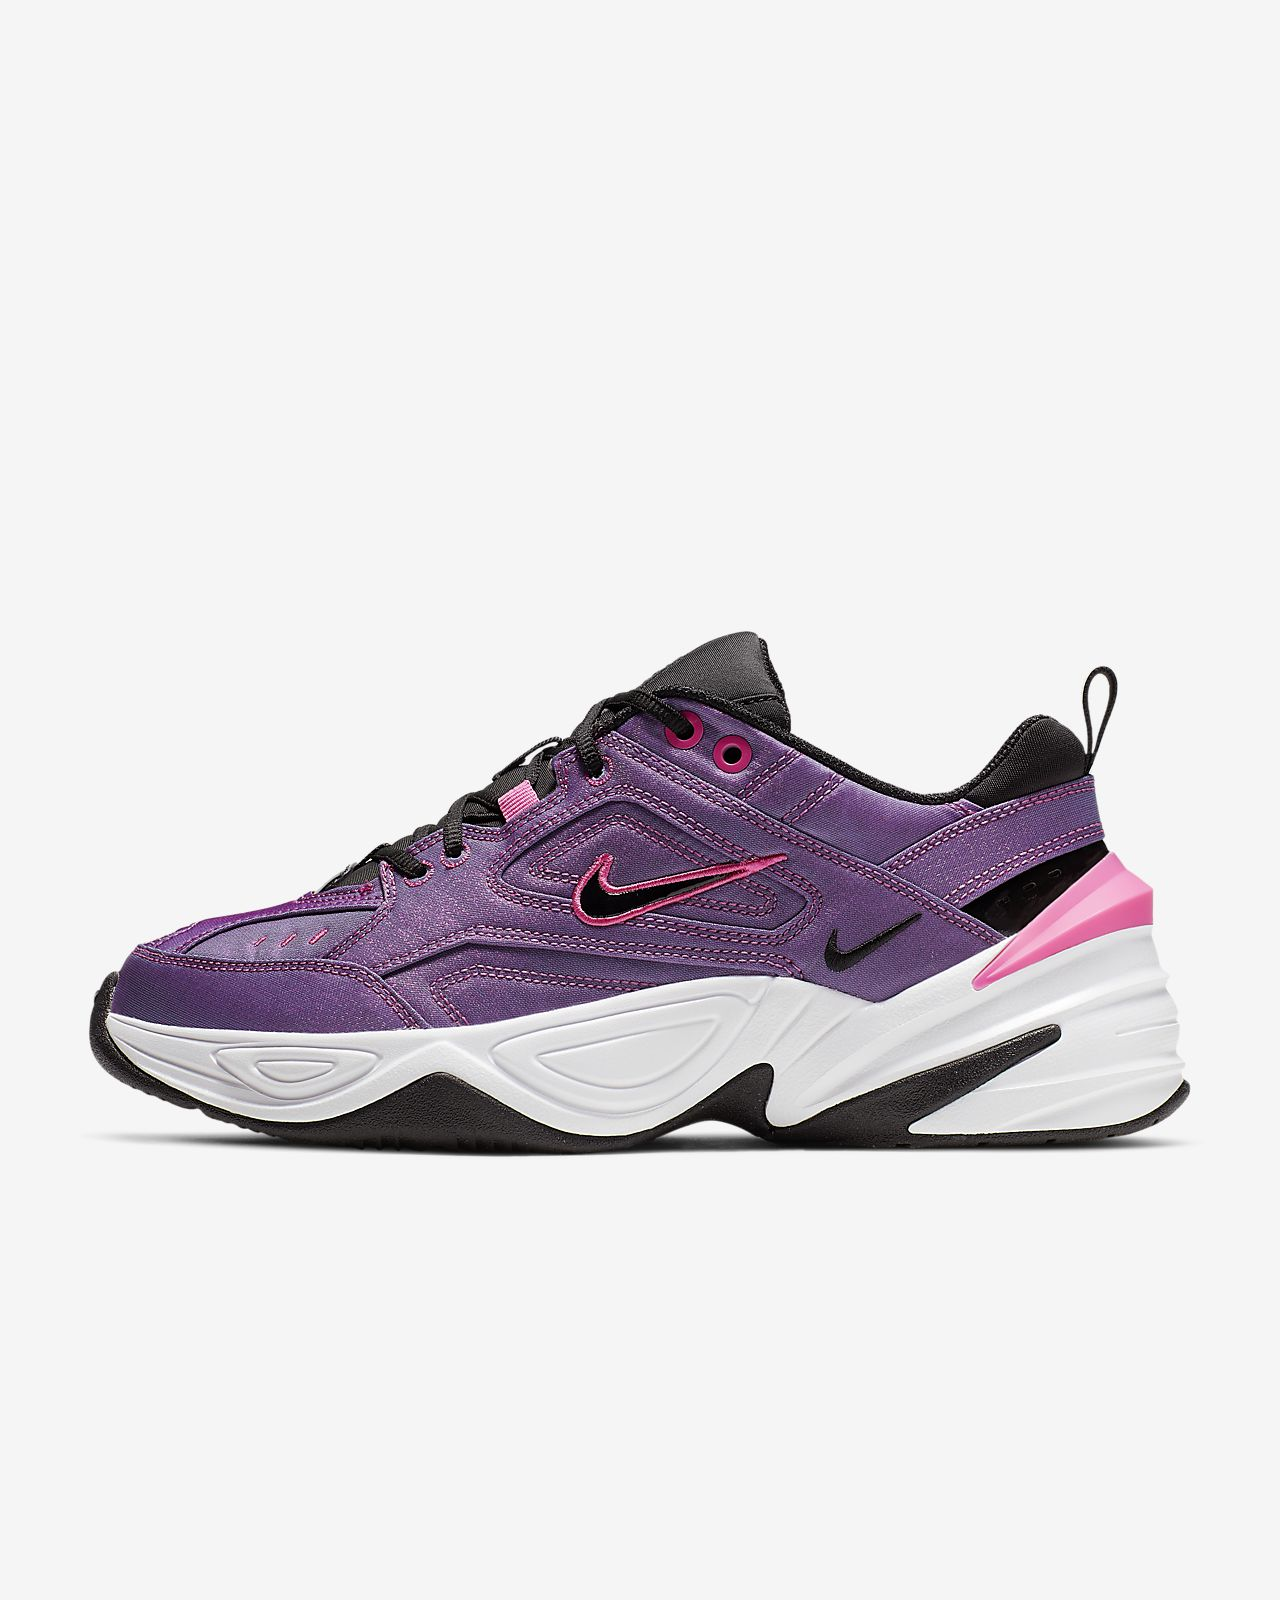 06dd8e00cfaf Nike M2K Tekno SE Women s Shoe. Nike.com GB